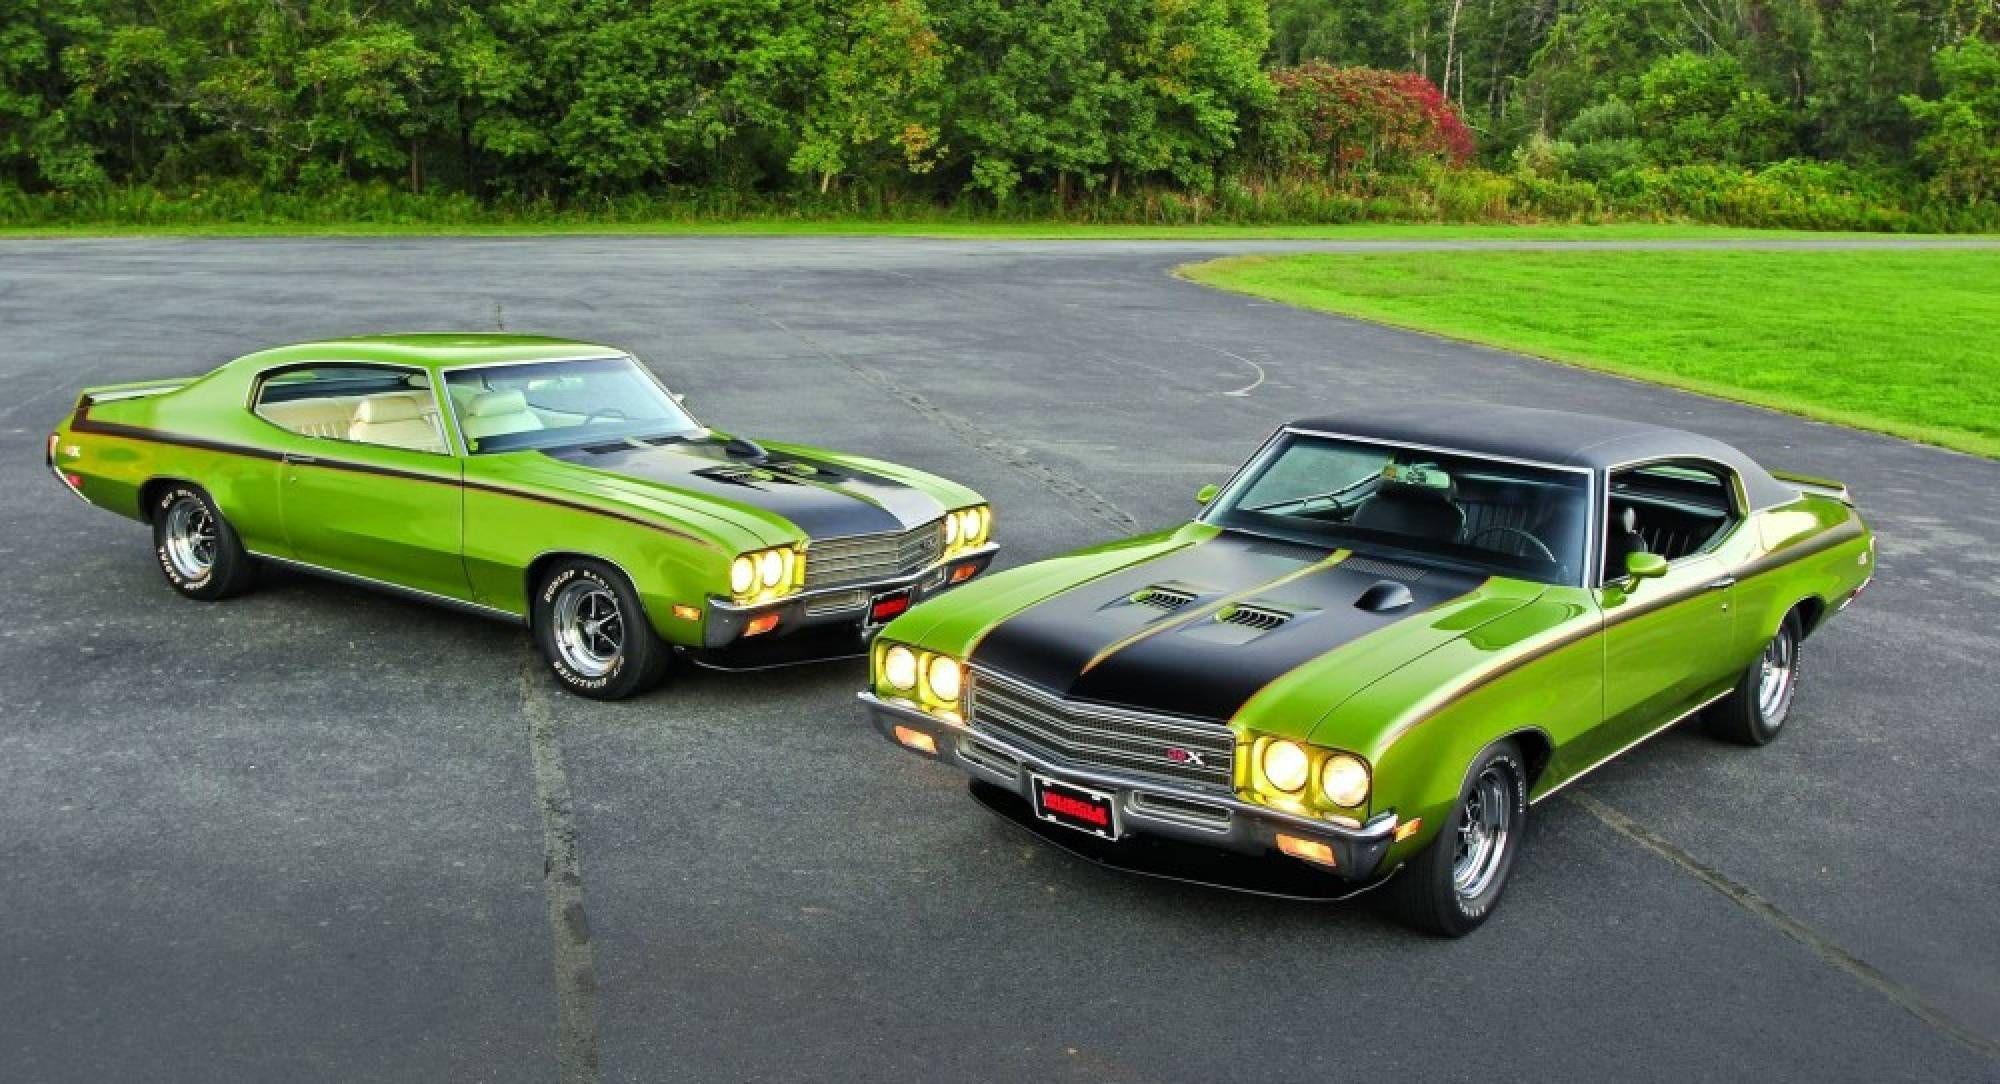 GSX2 - 1971 Buick GSX